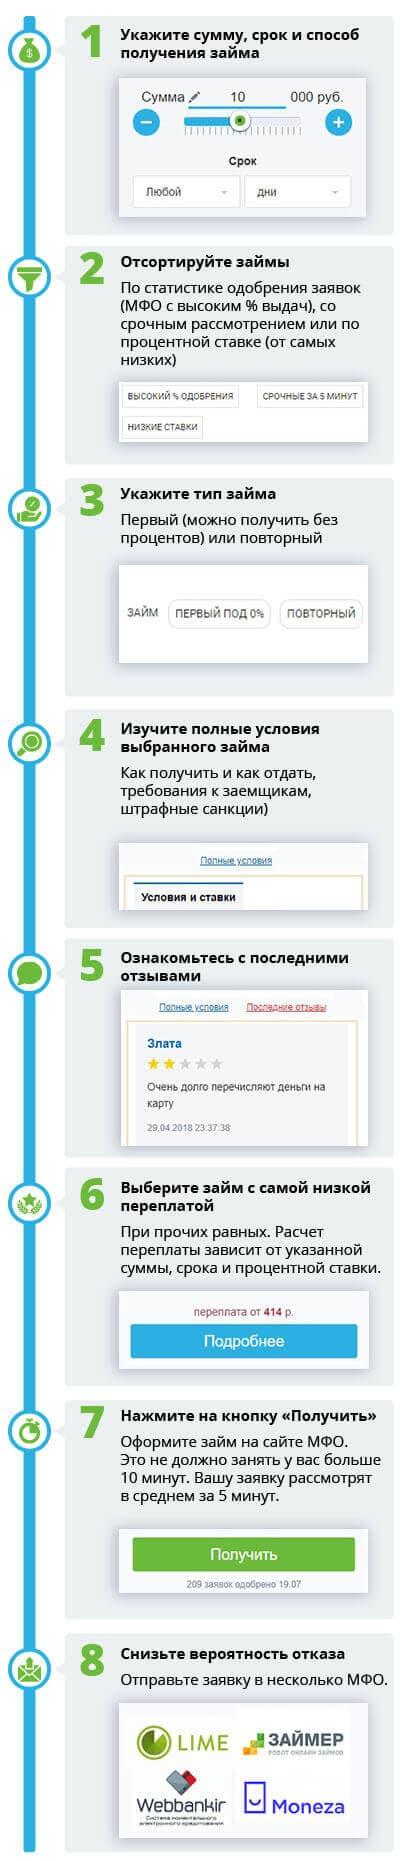 Как выбрать займ 2 000 рублей